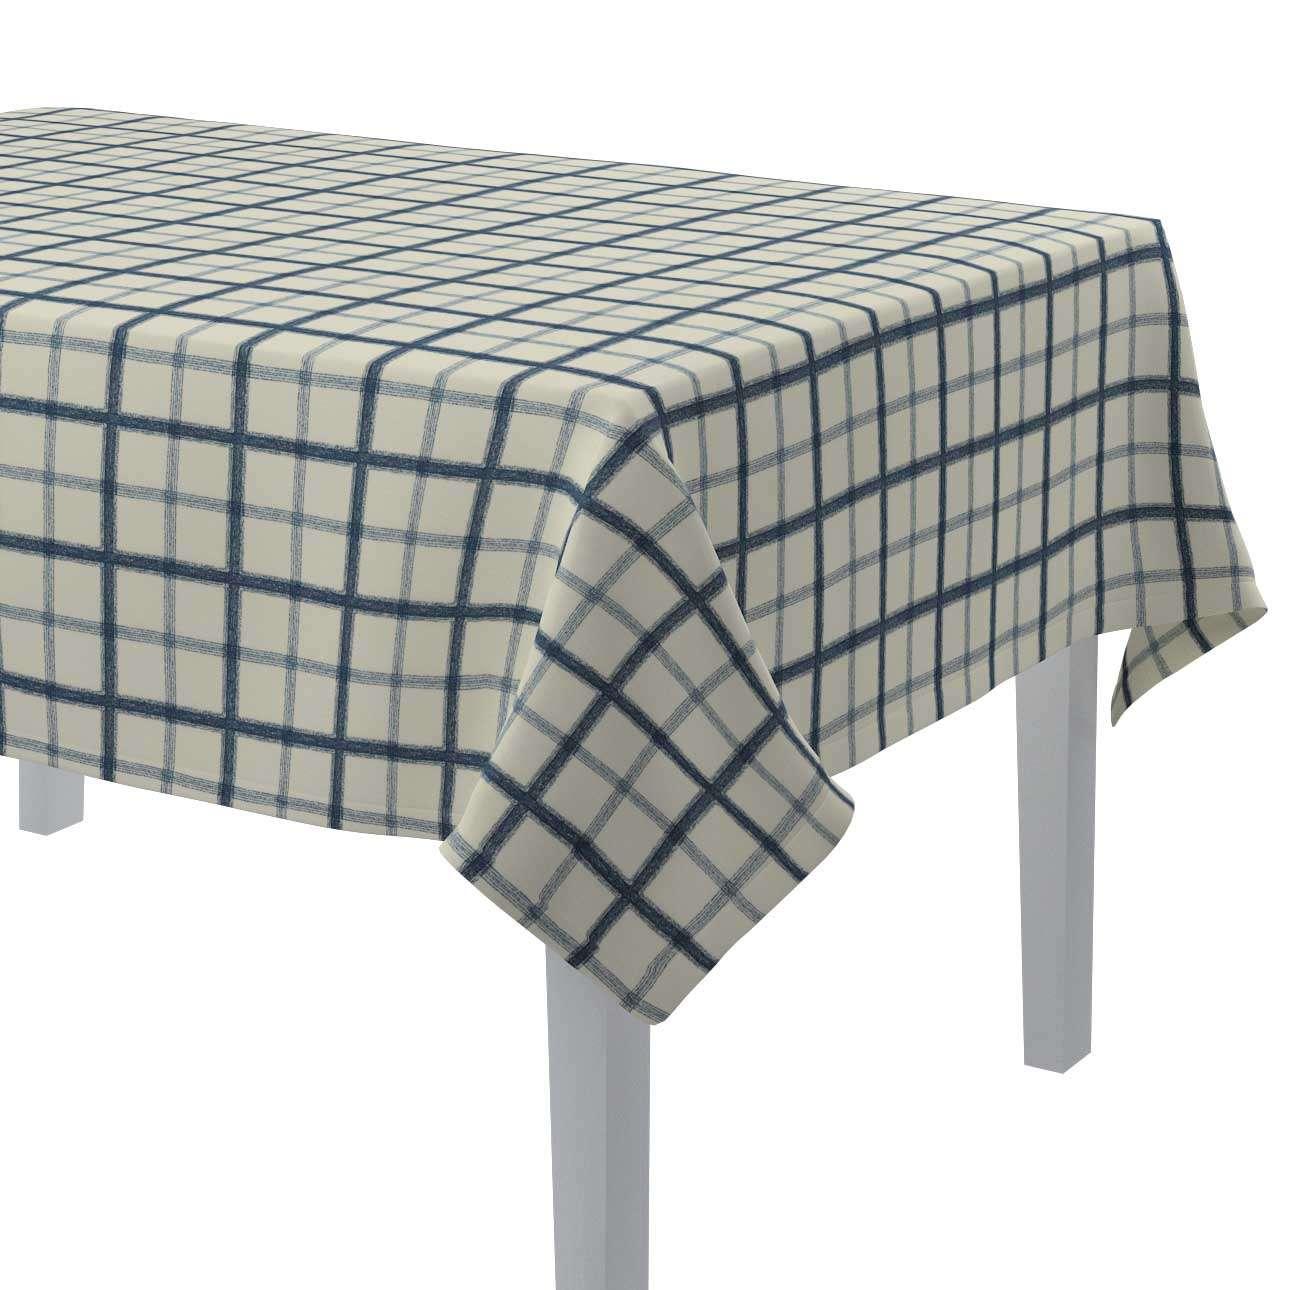 Rechteckige Tischdecke von der Kollektion Avinon, Stoff: 131-66